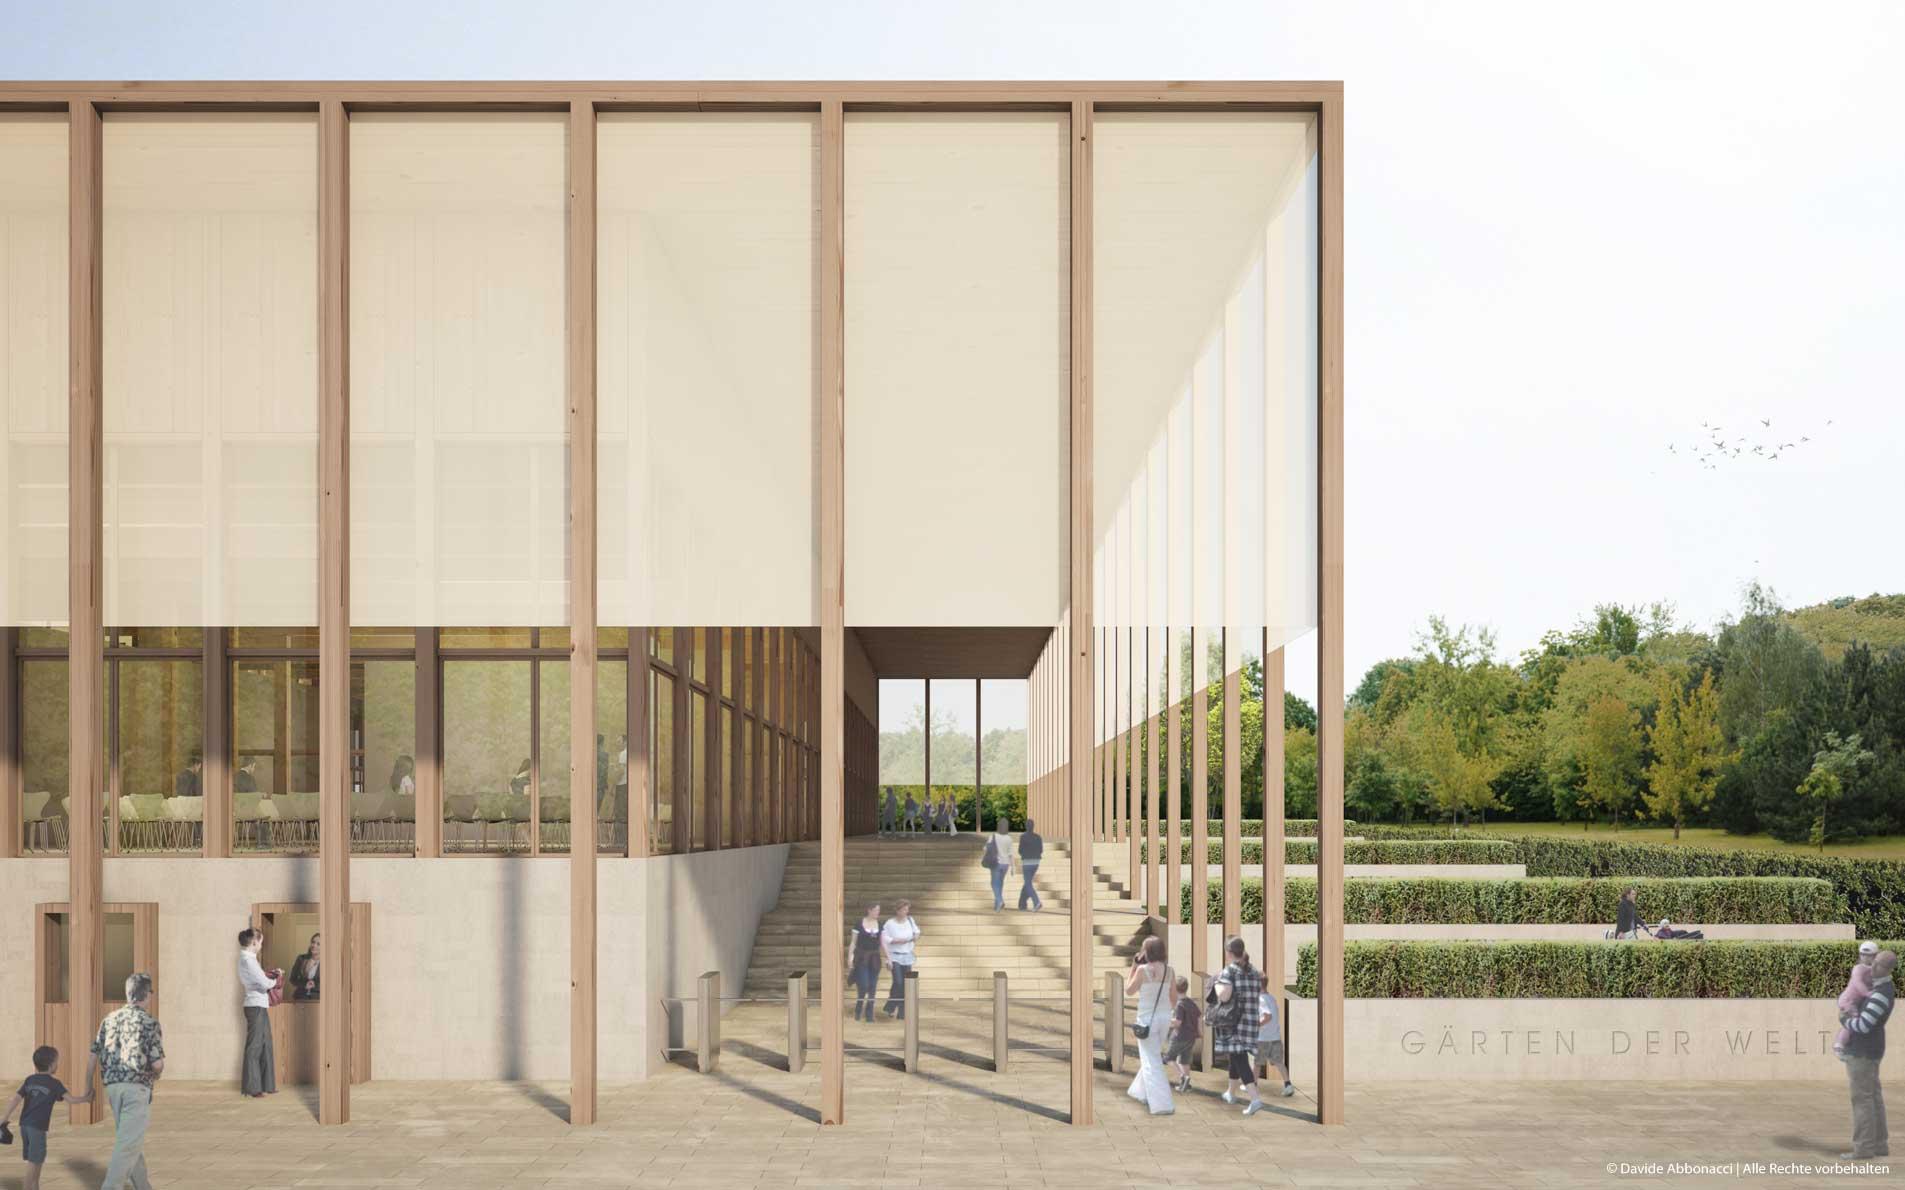 Besucherzentrum Gärten der Welt, Berlin | Georg Scheel Wetzel Architekten | 2013 Wettbewerbsvisualisierung